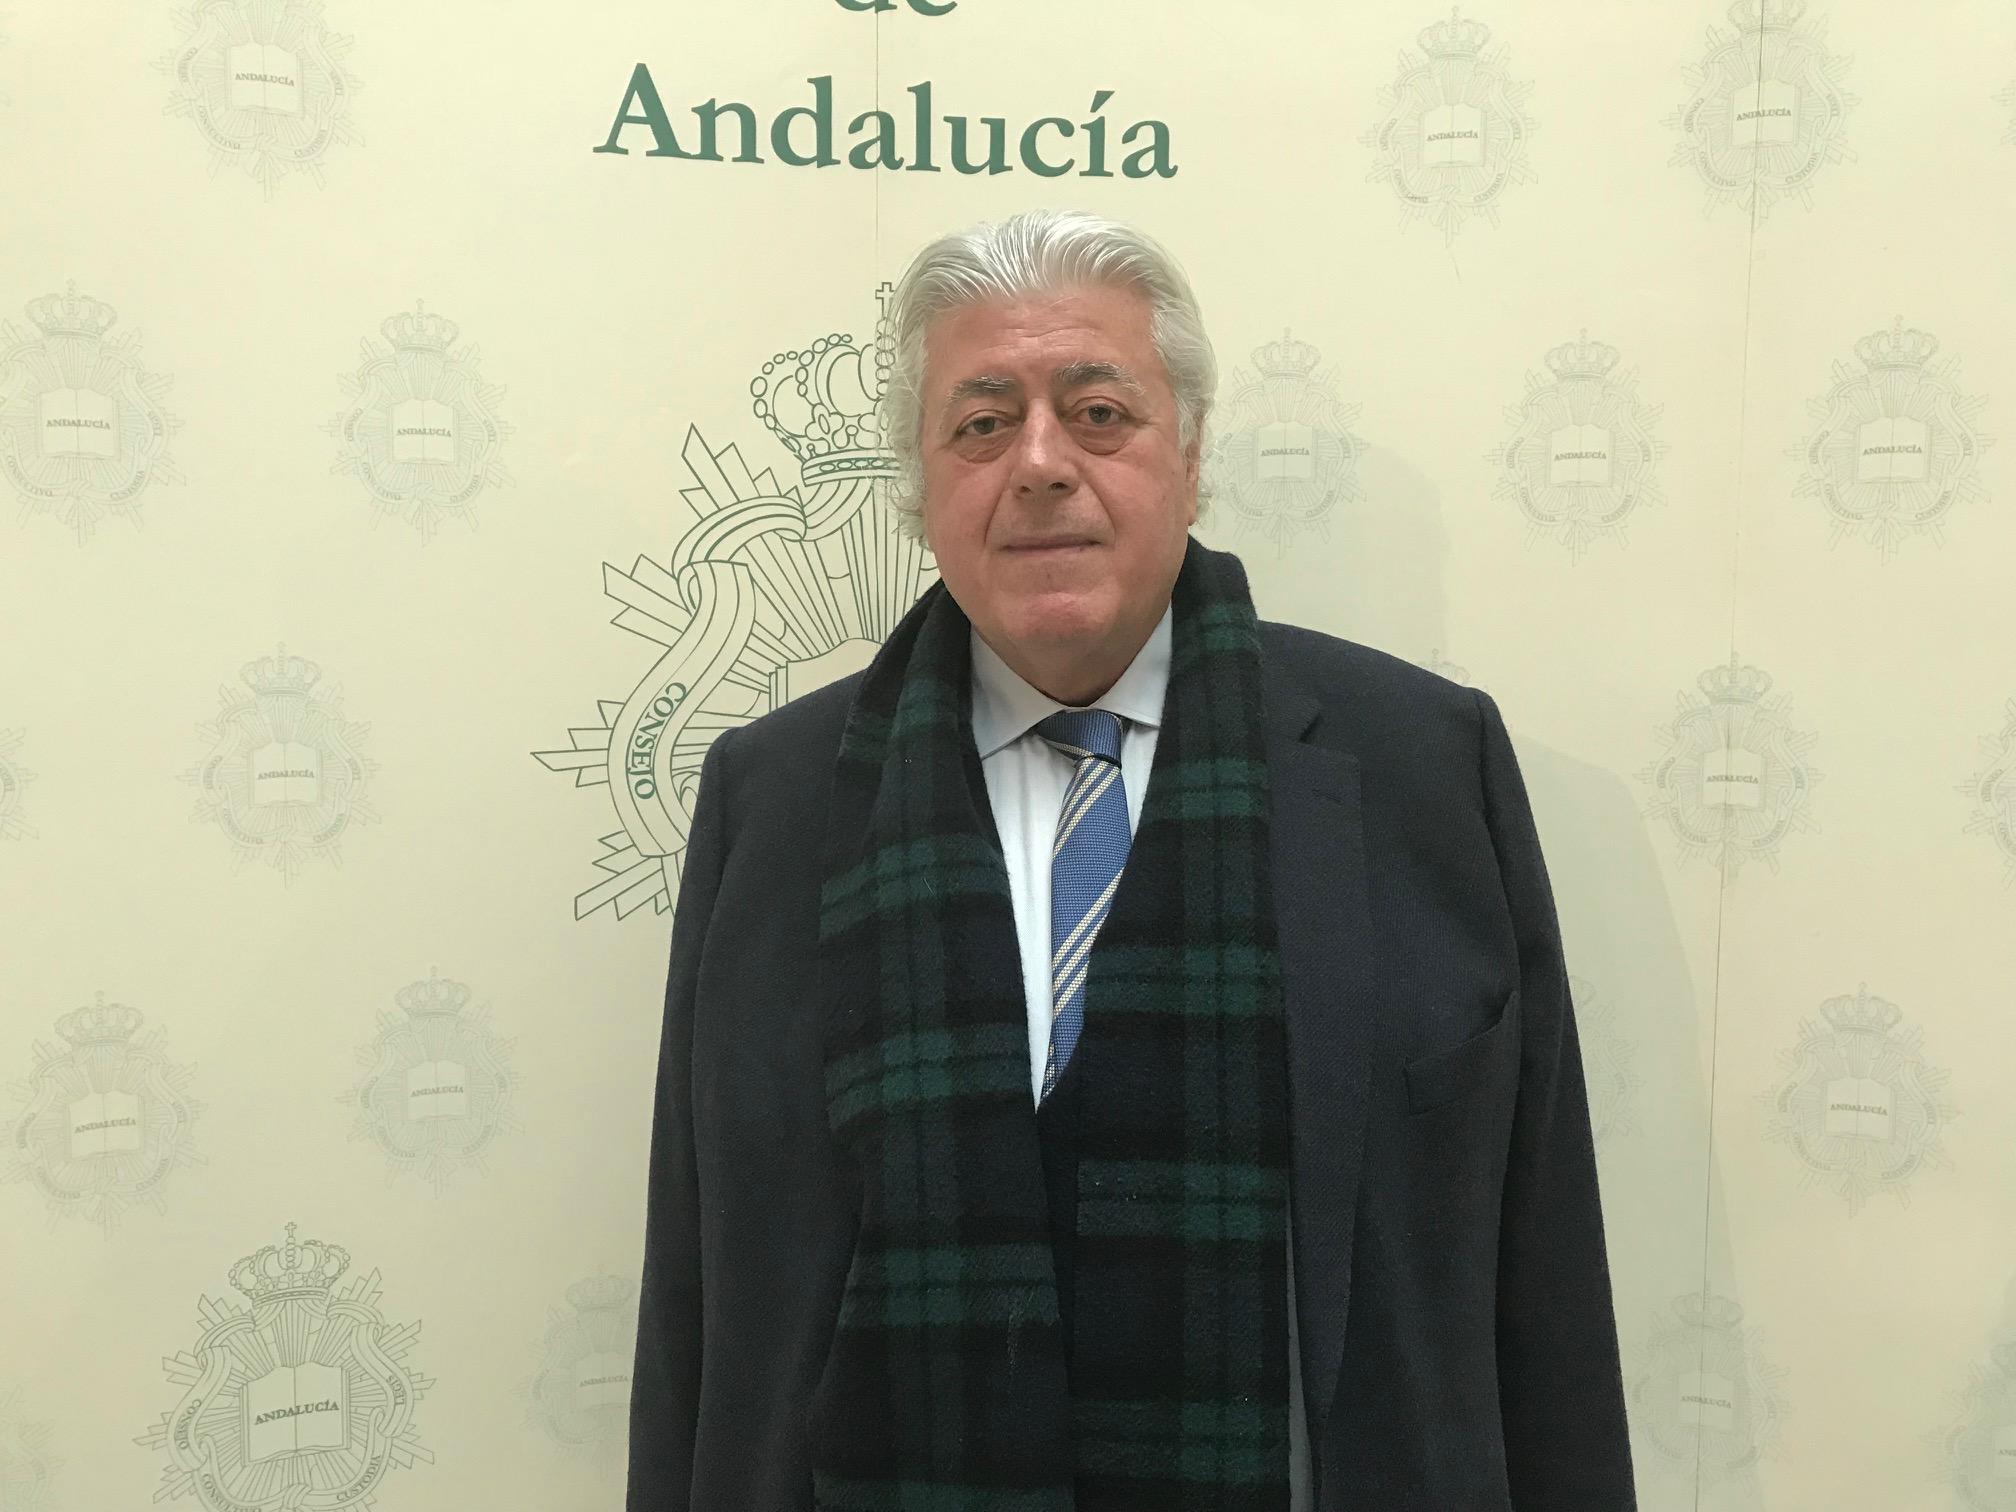 Fernando Yelamos